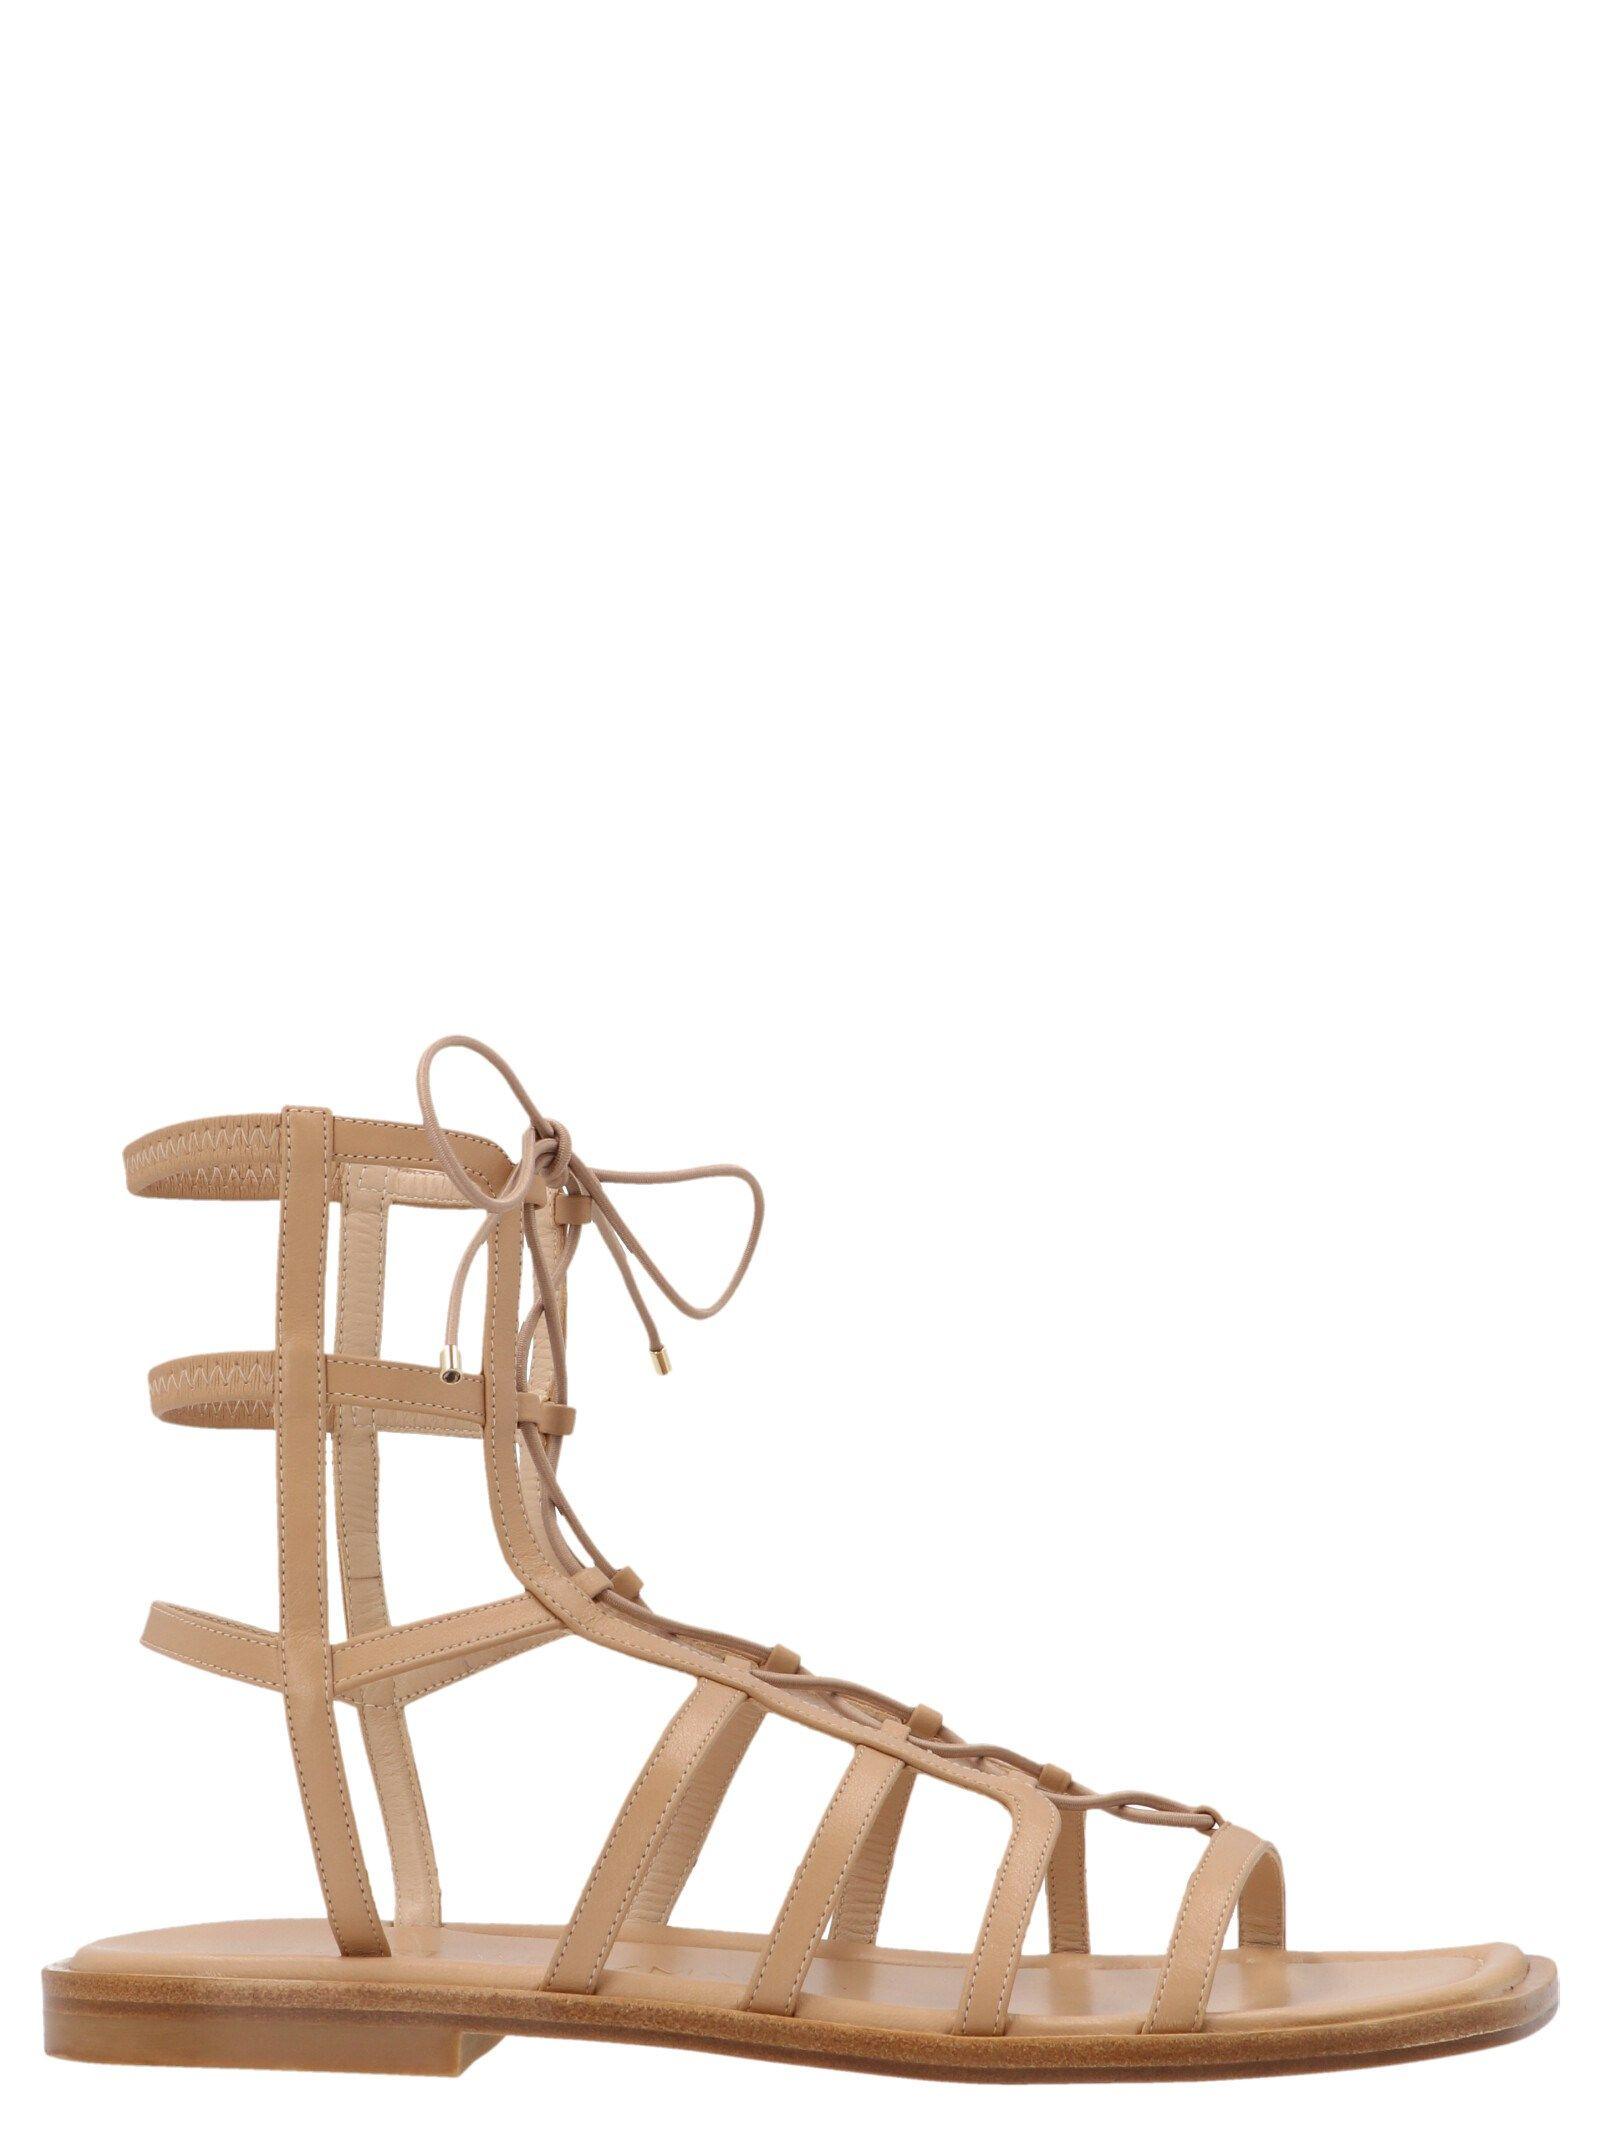 Stuart Weitzman Women's Beige Other Materials Sandals